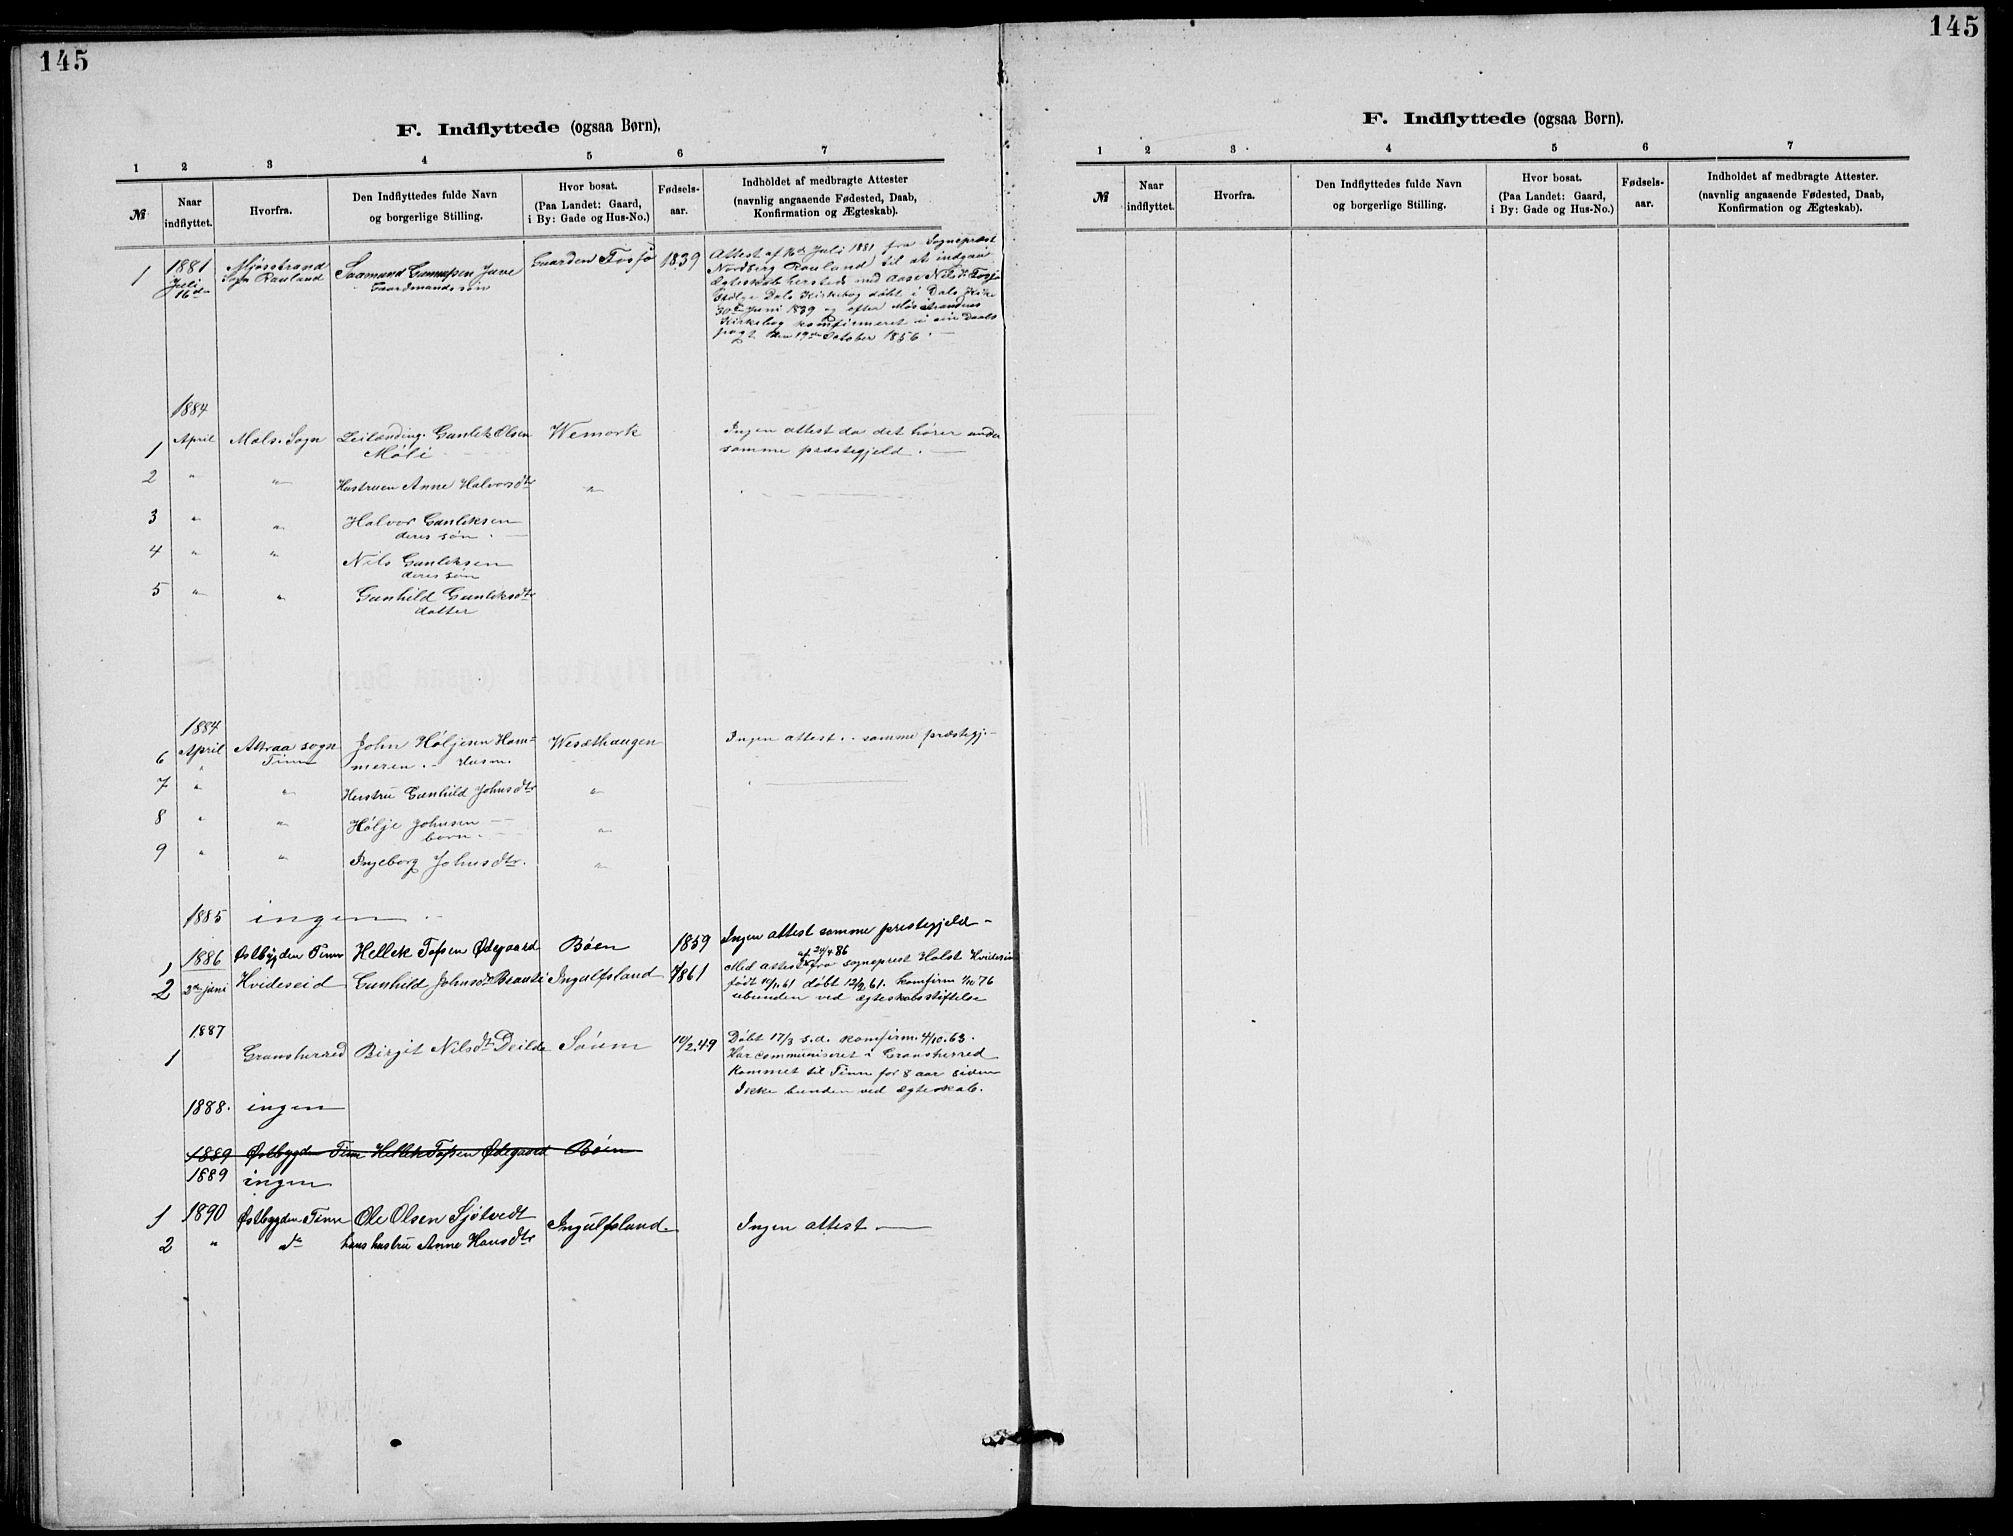 SAKO, Rjukan kirkebøker, G/Ga/L0001: Klokkerbok nr. 1, 1880-1914, s. 145